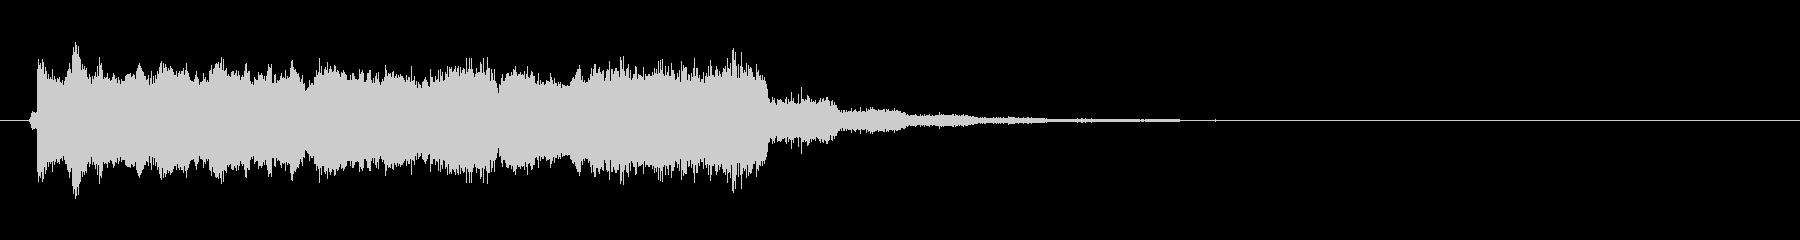 エレクトリックギター、「Screa...の未再生の波形